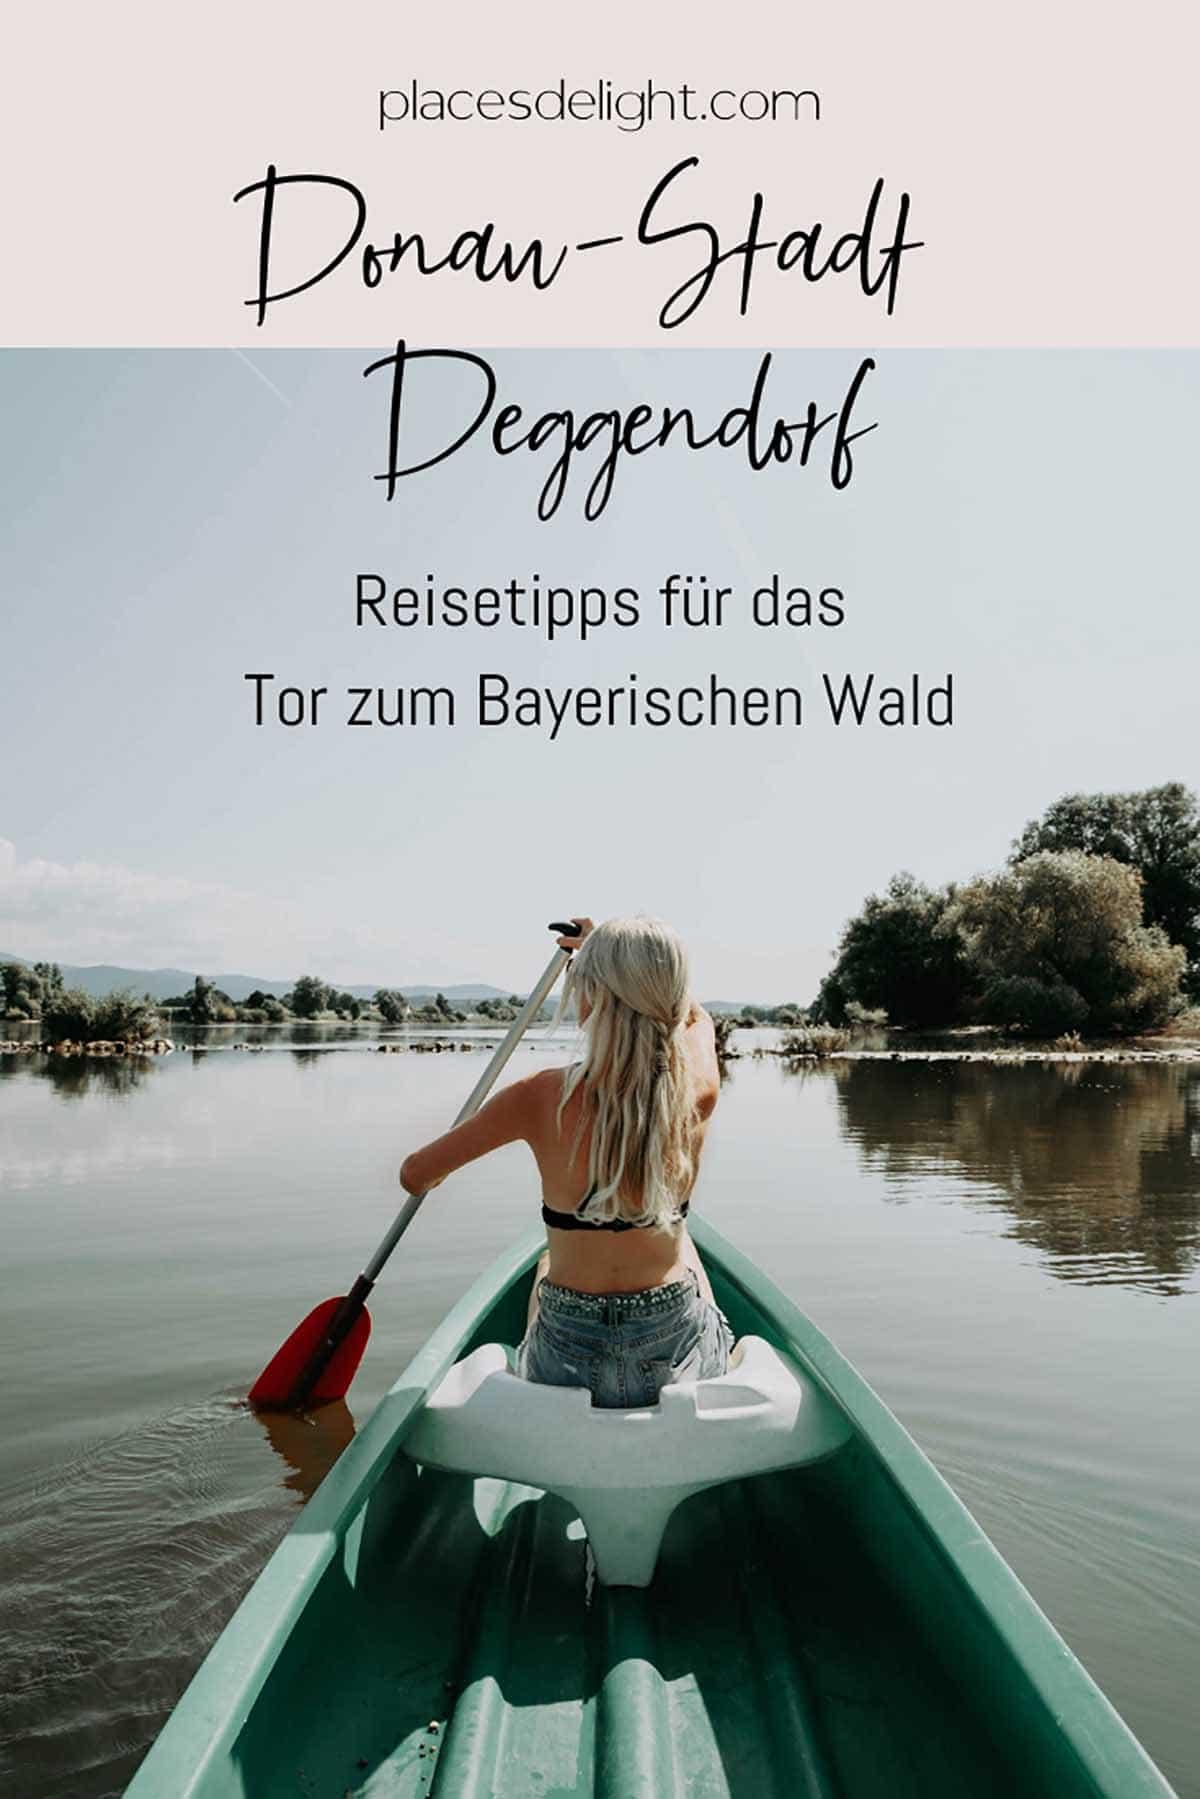 placesdelight-reisetipps-deggendorf-bayerischer-wald